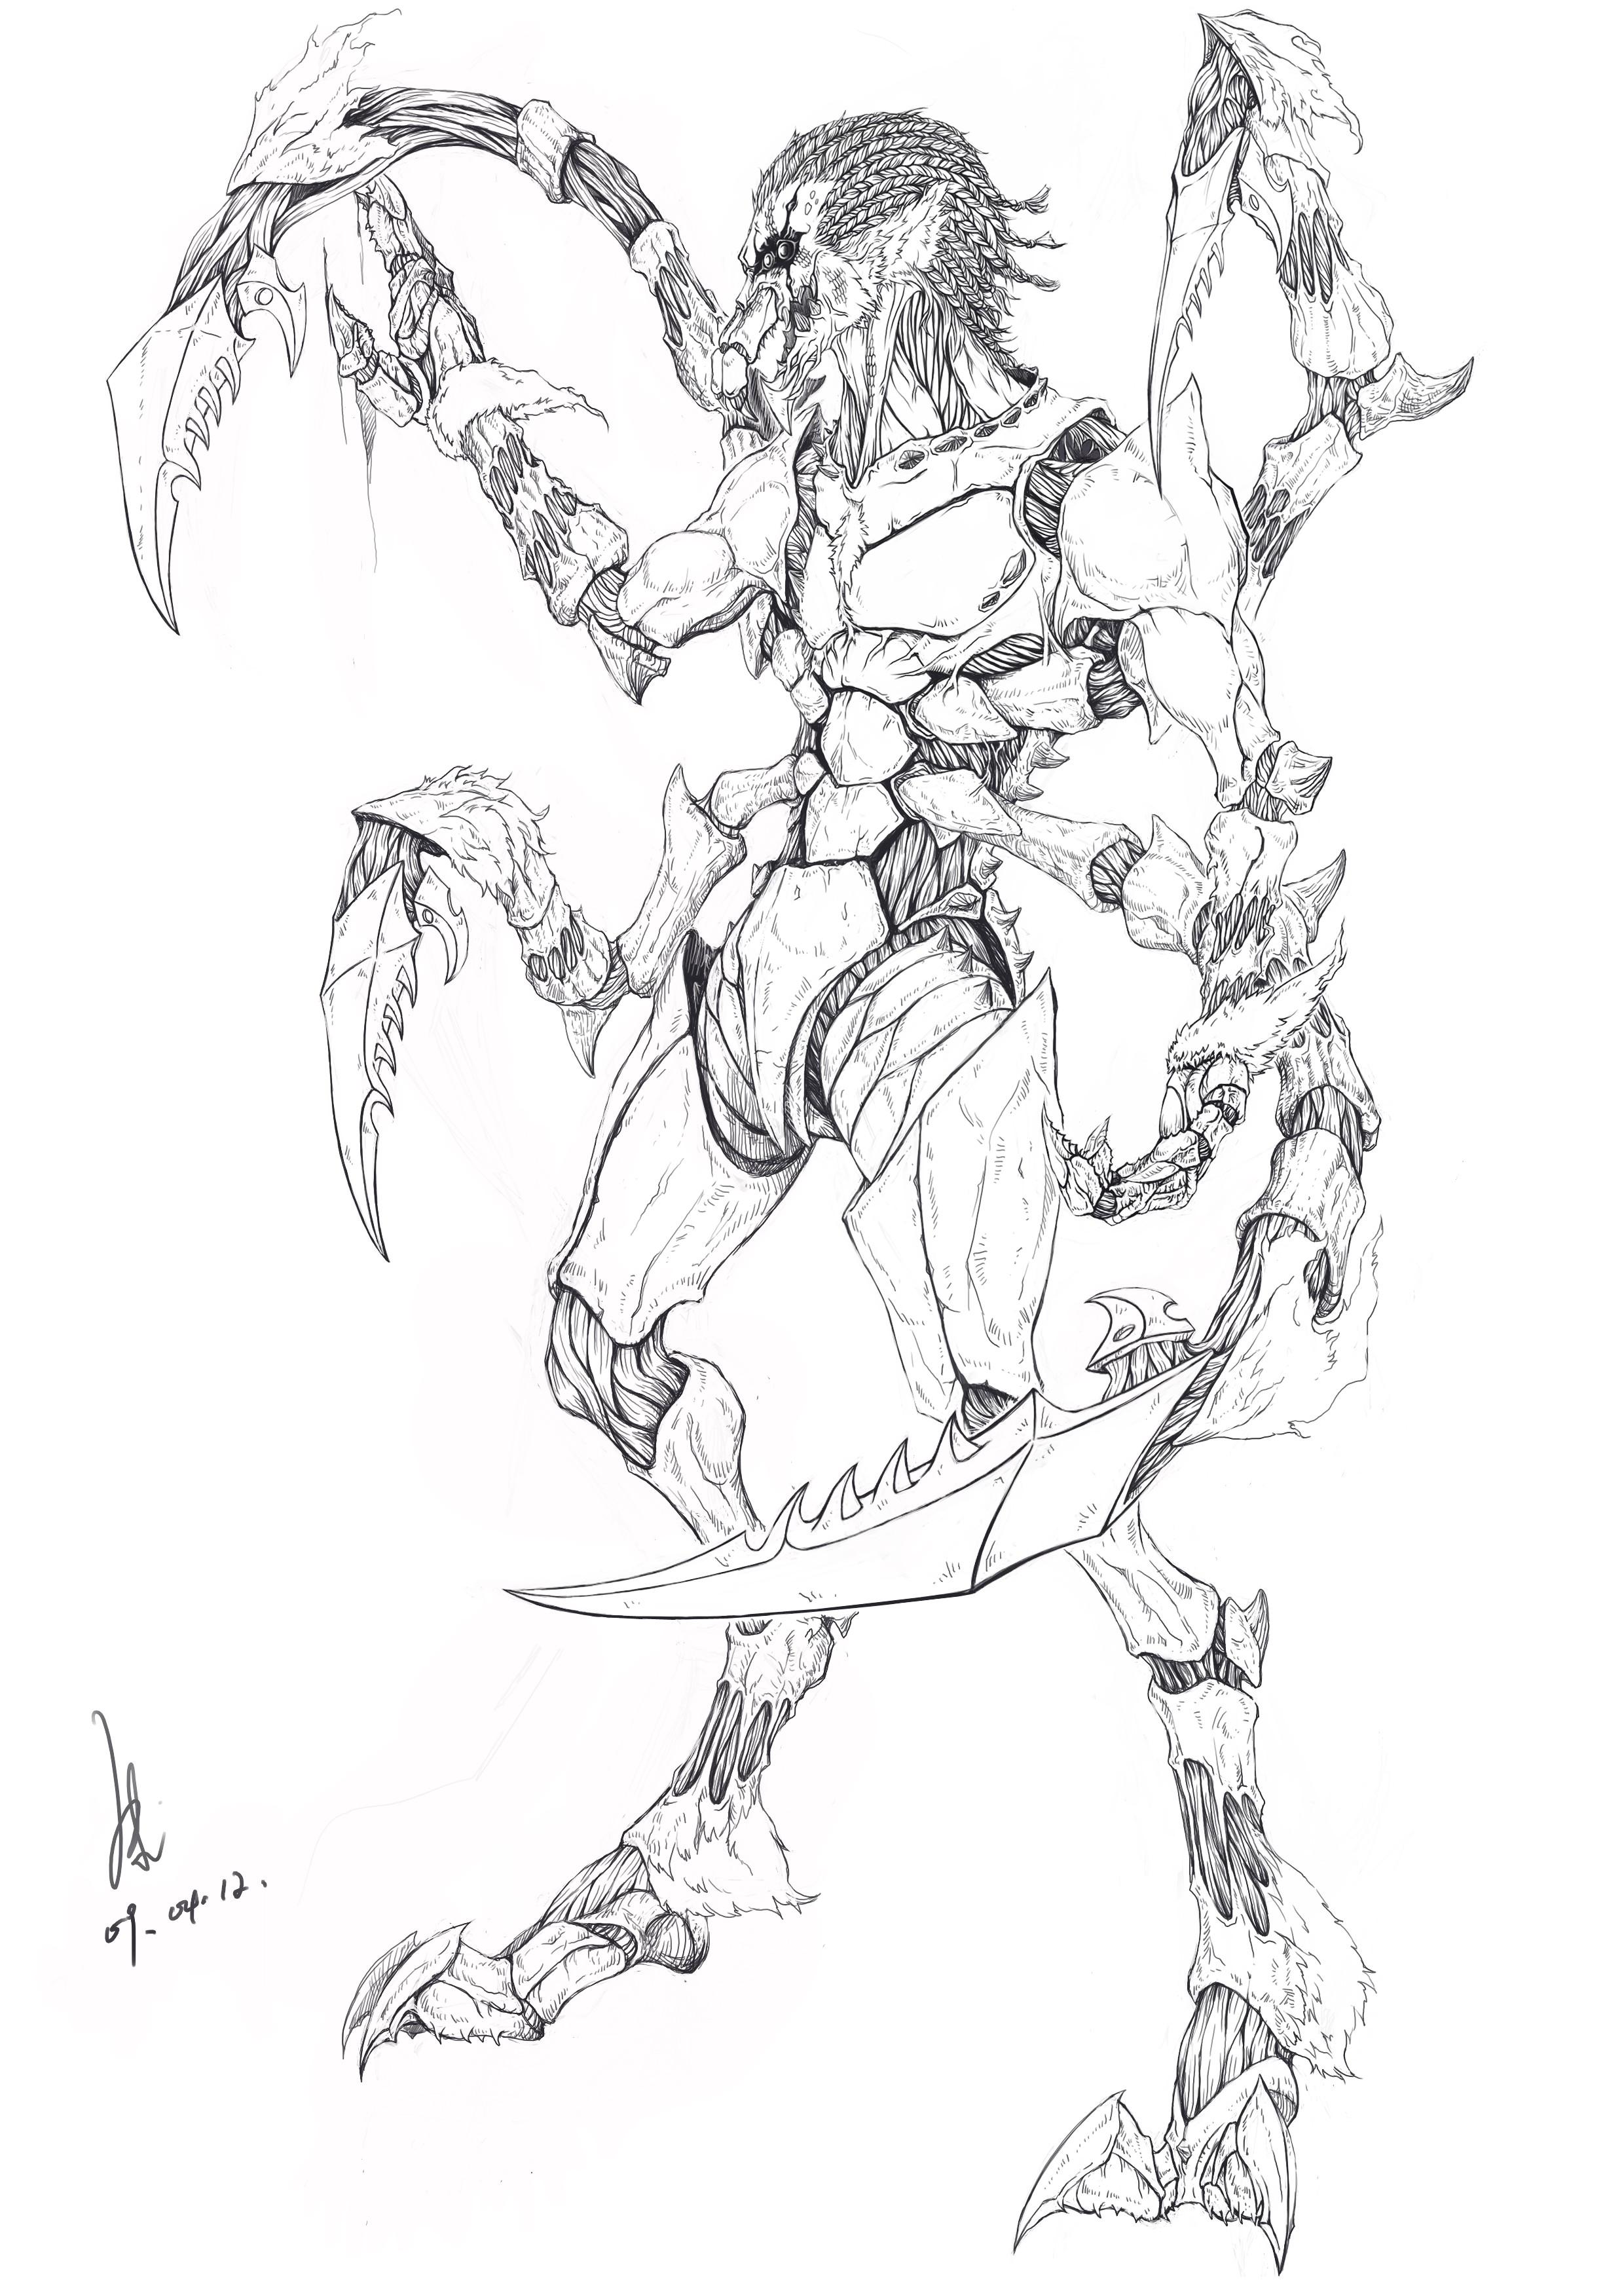 怪物设定_hunter(猎杀者)_黑白线稿